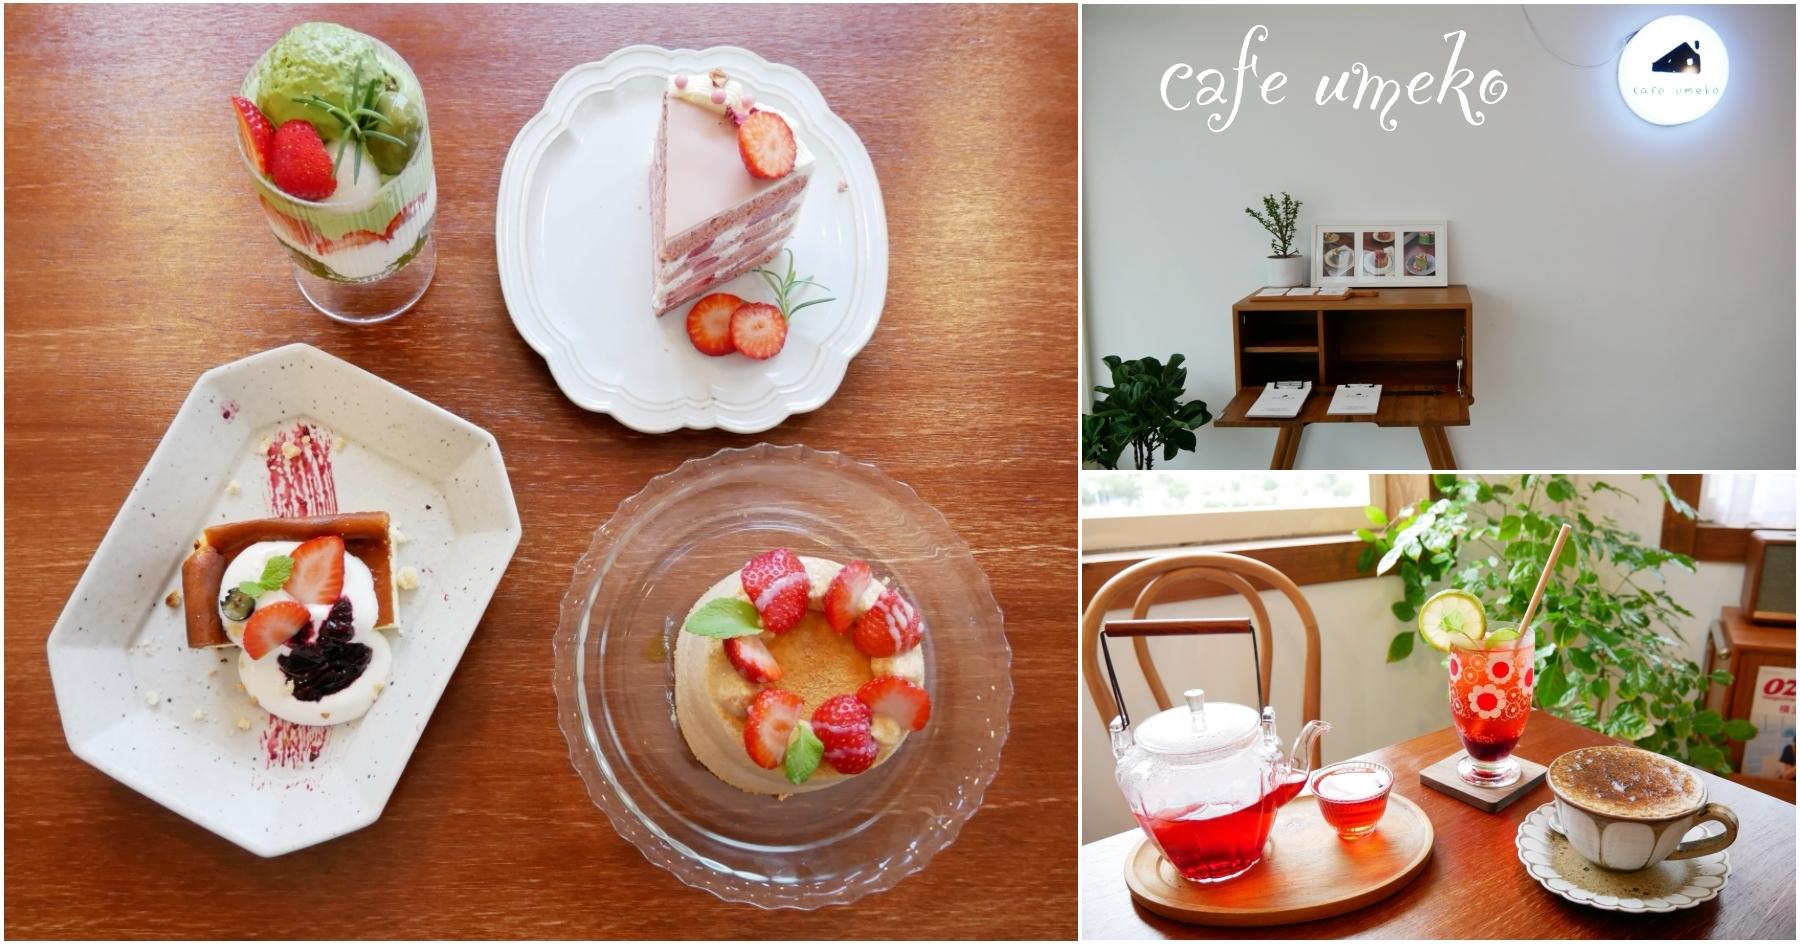 最新推播訊息:[桃園美食]辺間屋梅子cafe umeko|臨近風禾公園的wooly cafe四號店~甜點草莓季登場